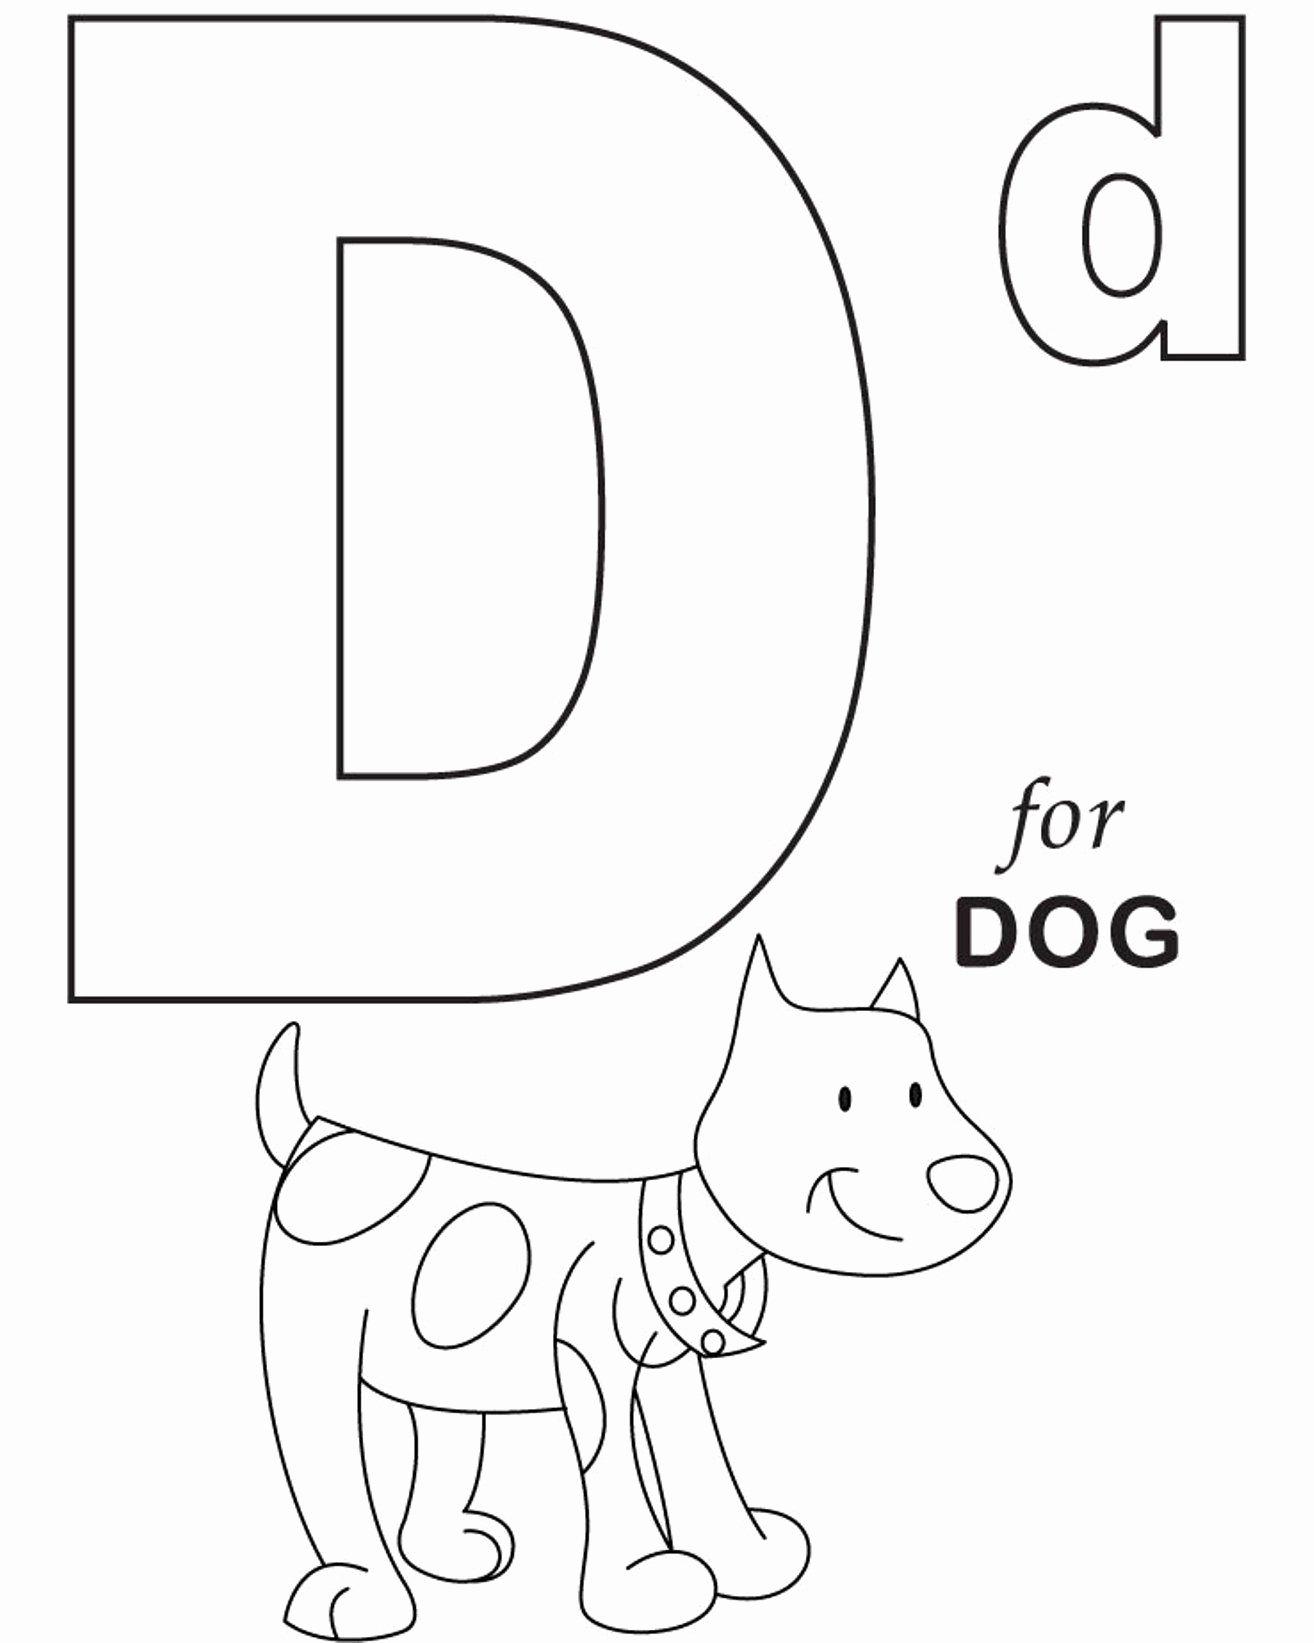 Alphabet Colouring Worksheets for Preschoolers Unique Alphabet Coloring for Dog Printable Letter Worksheets